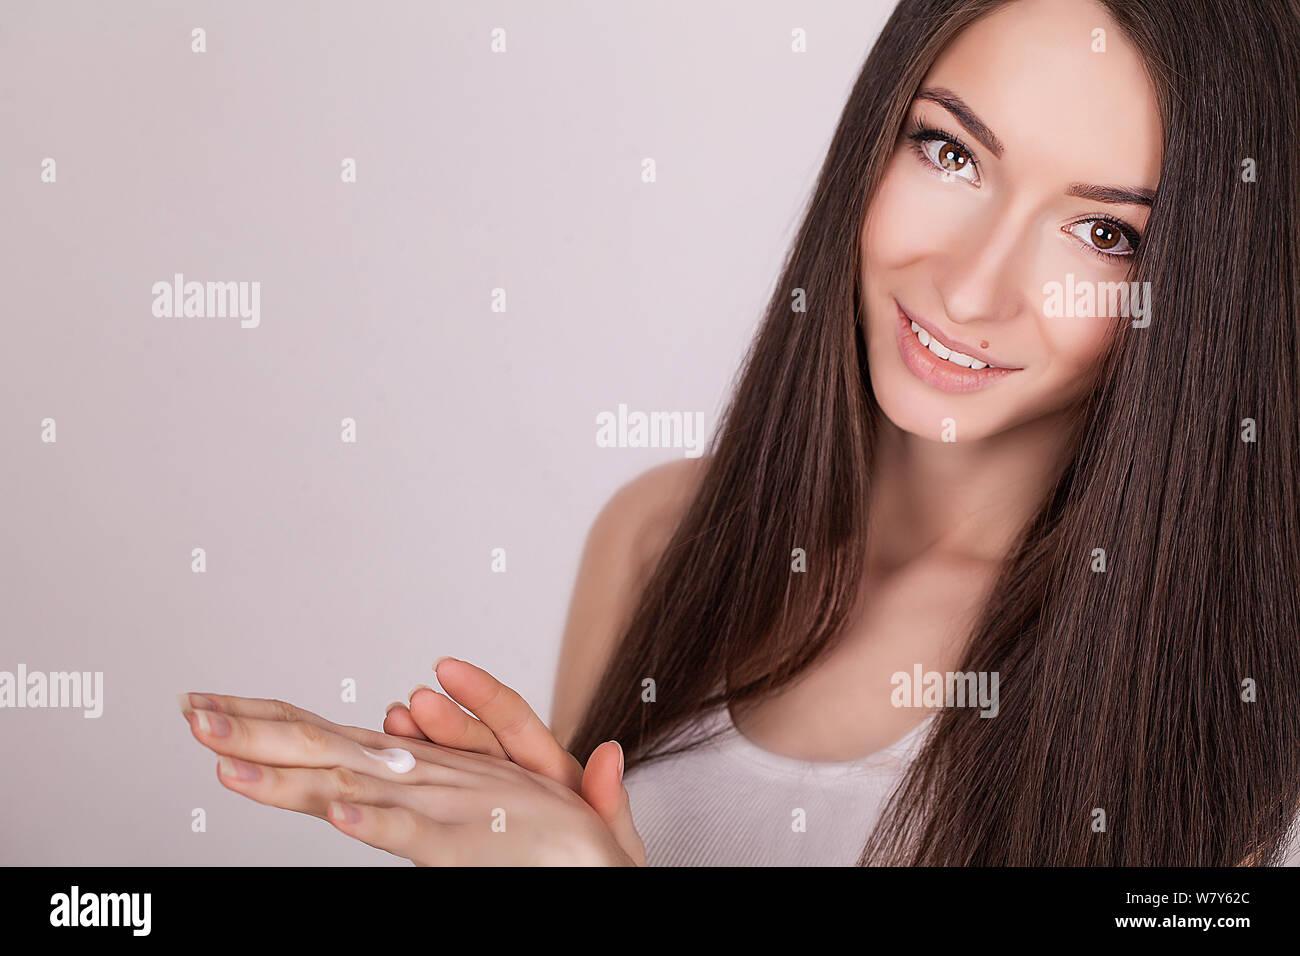 Aplicar crema cosmética. Una joven y bella mujer de aplicar la crema hidratante facial. Scine cuidado de la cara y las manos Foto de stock